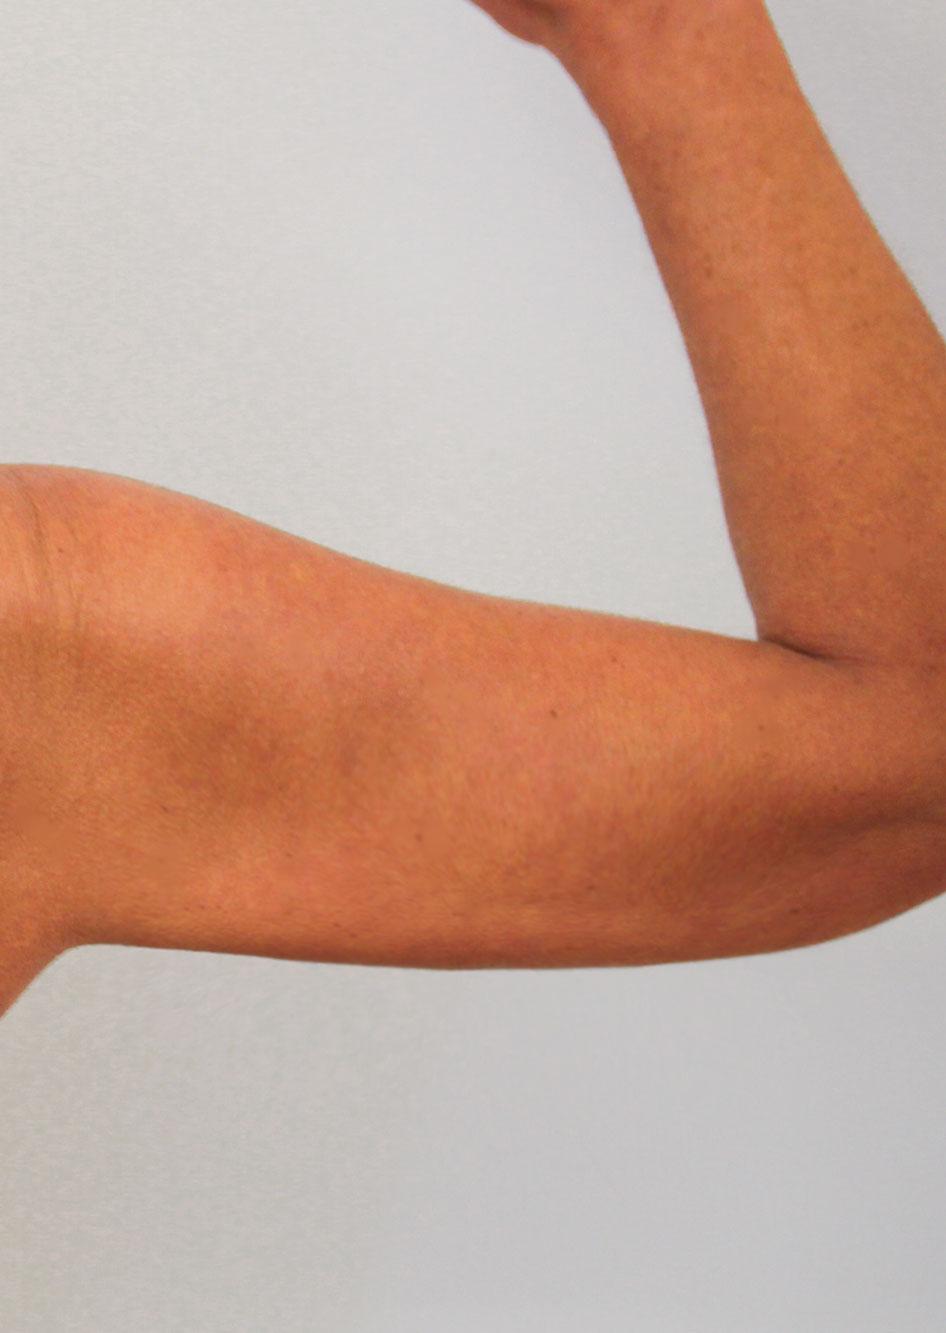 Gestraffter Oberarm nach der Oberarmstraffung